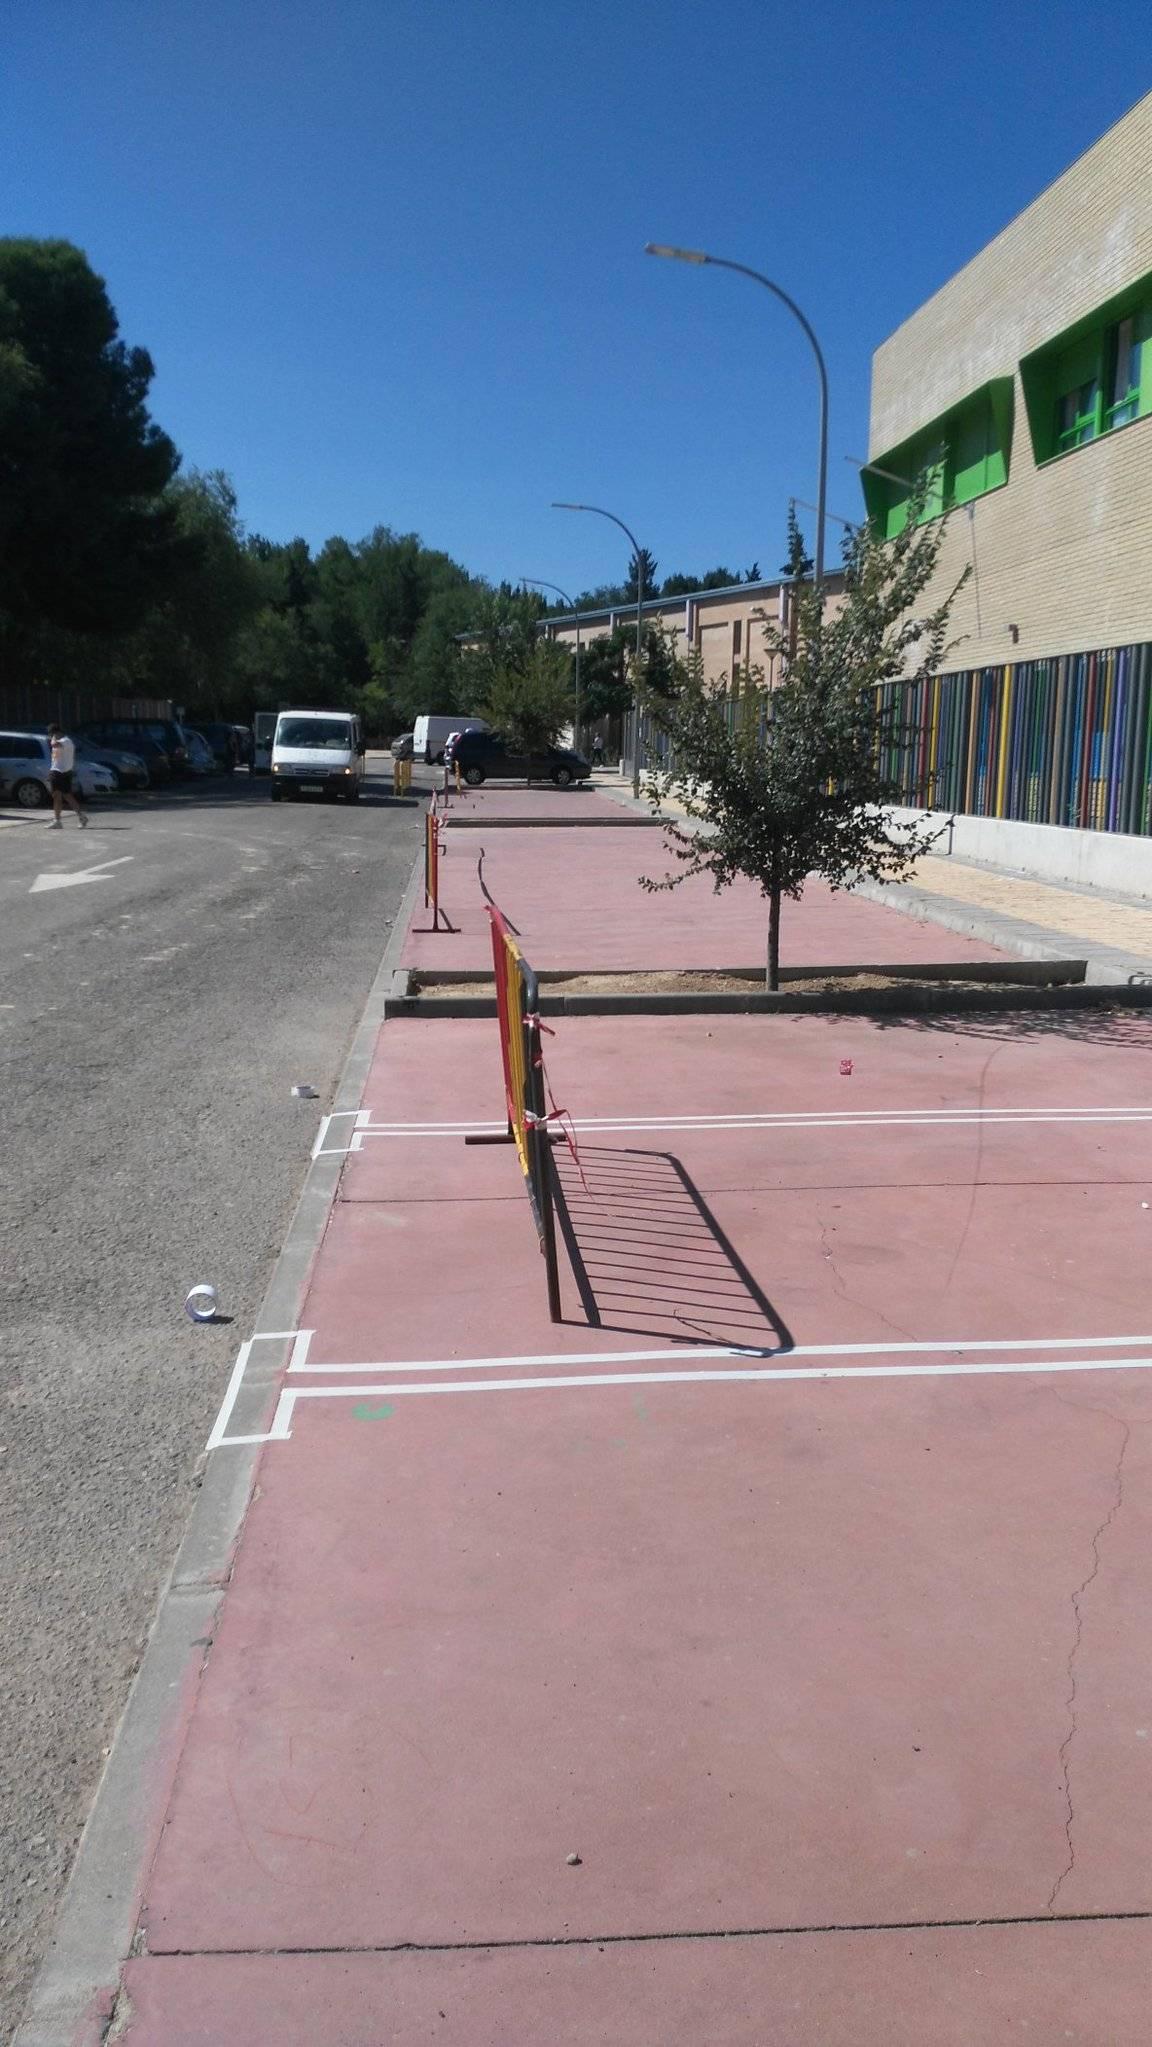 pintando lineas parking herencia - Un poco de orden en el parking del colegio y zona deportiva